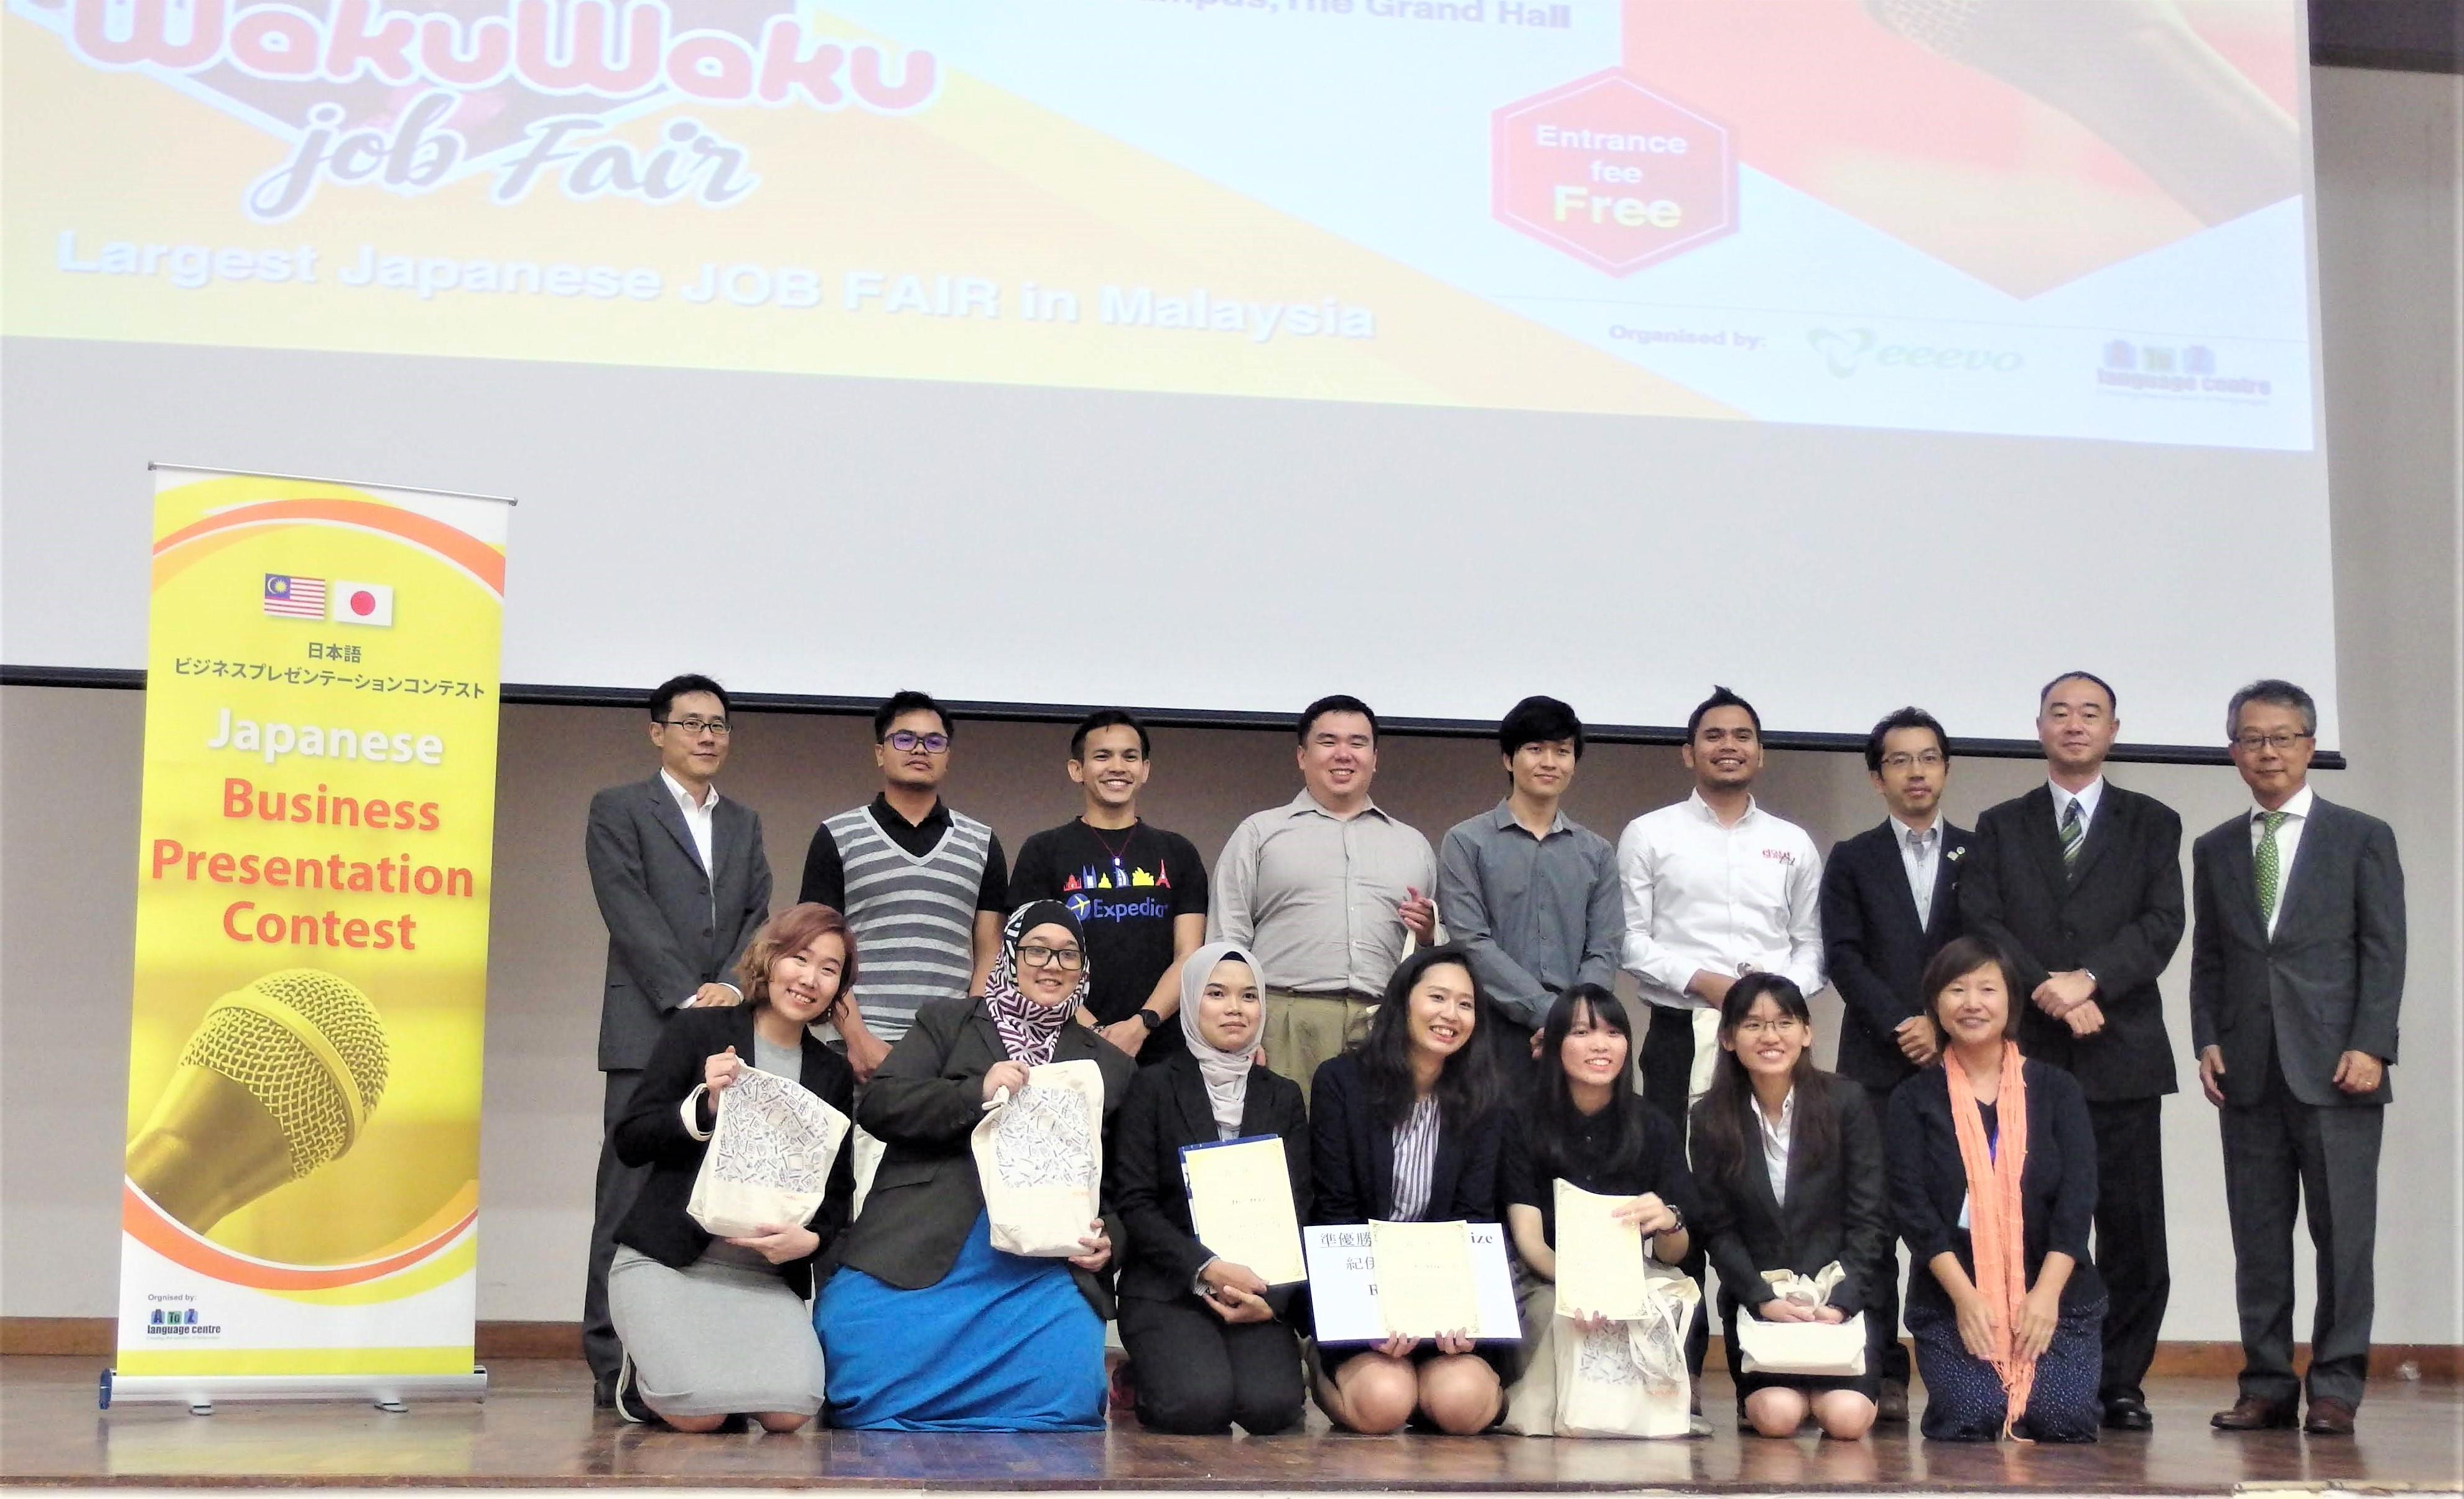 第4回日本語ビジネスプレゼンテーションコンテスト一般の部(マレーシア)開催